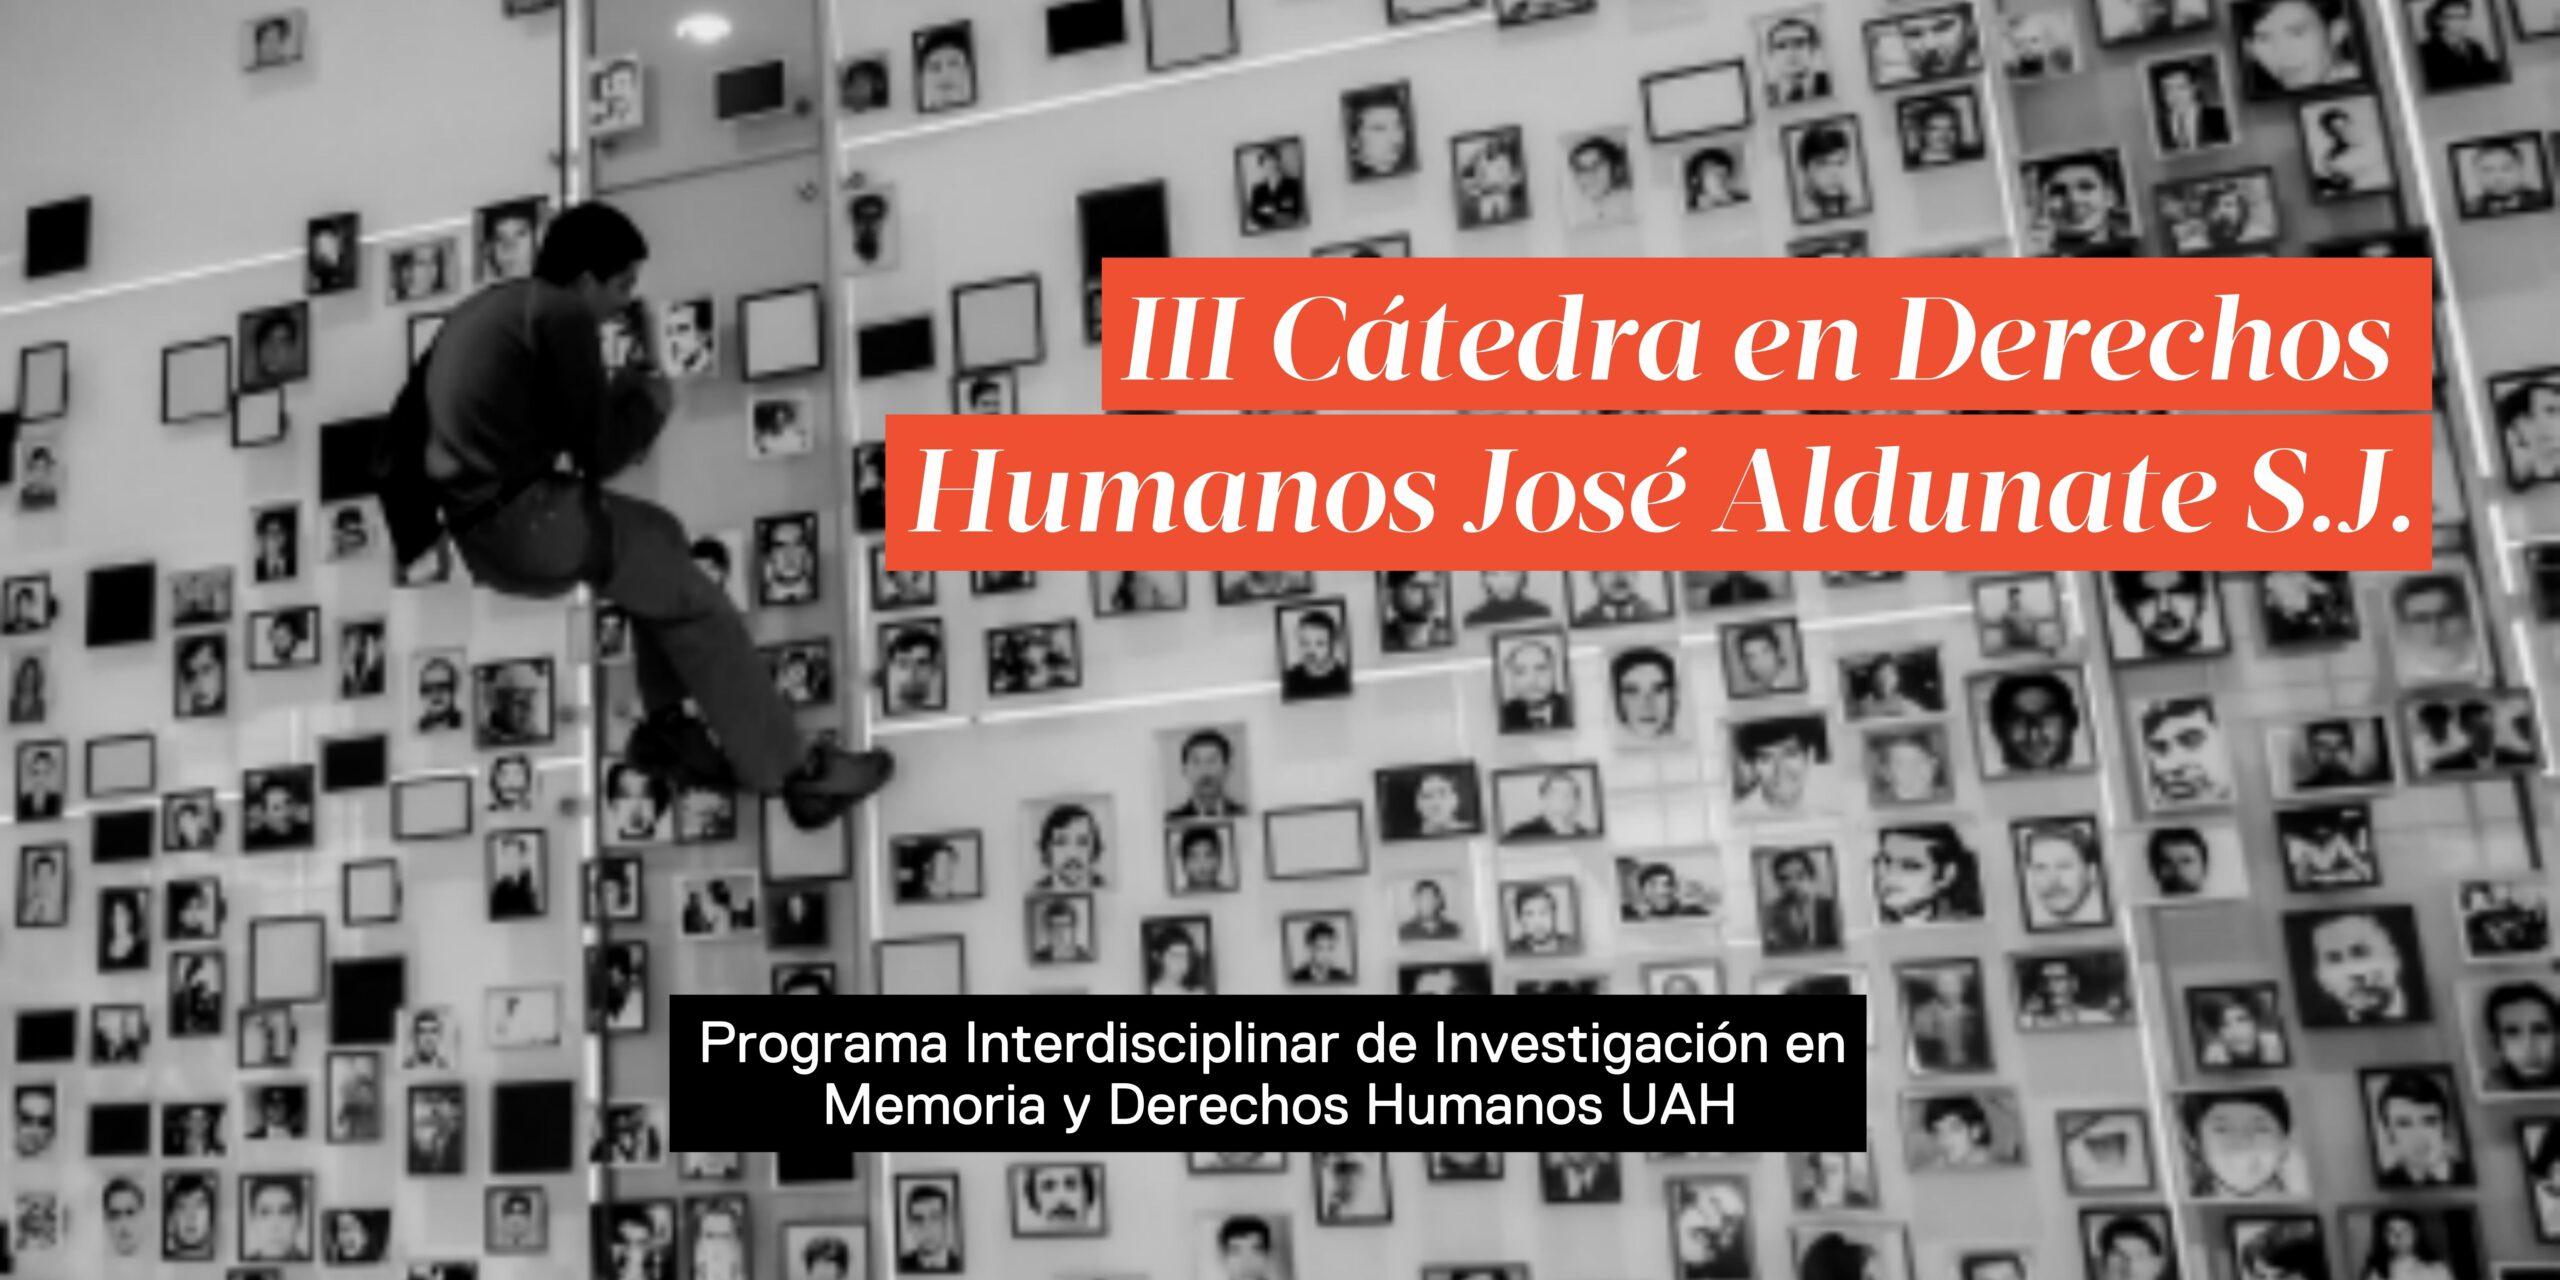 III Cátedra en Derechos Humanos José Aldunate S.J.